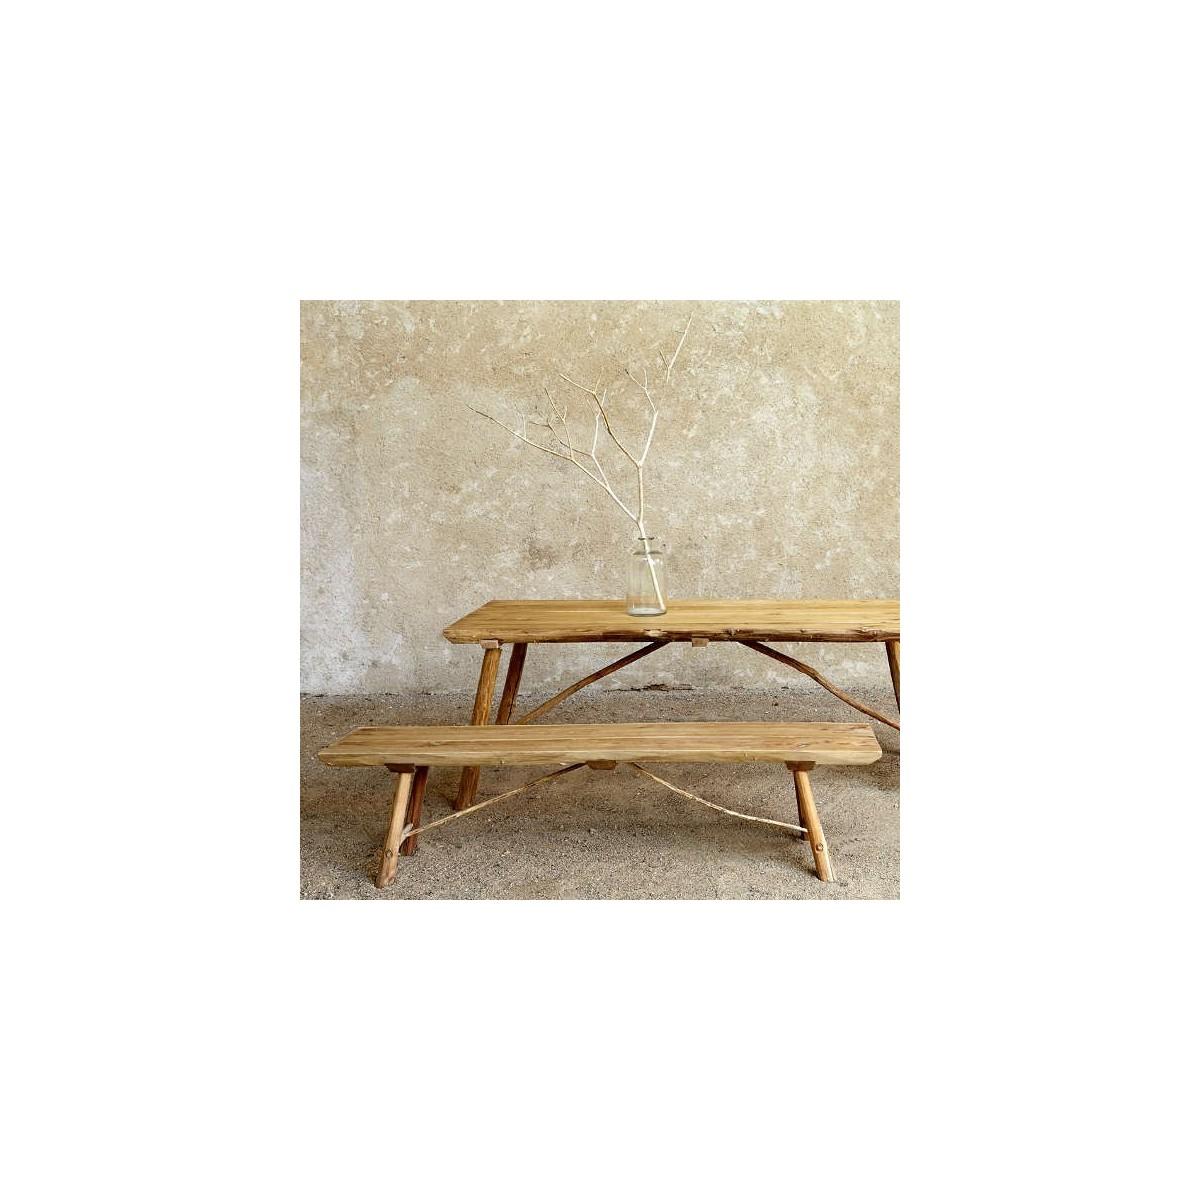 Banc de table achat vente mobilier de jardin en bois for Vente mobilier jardin